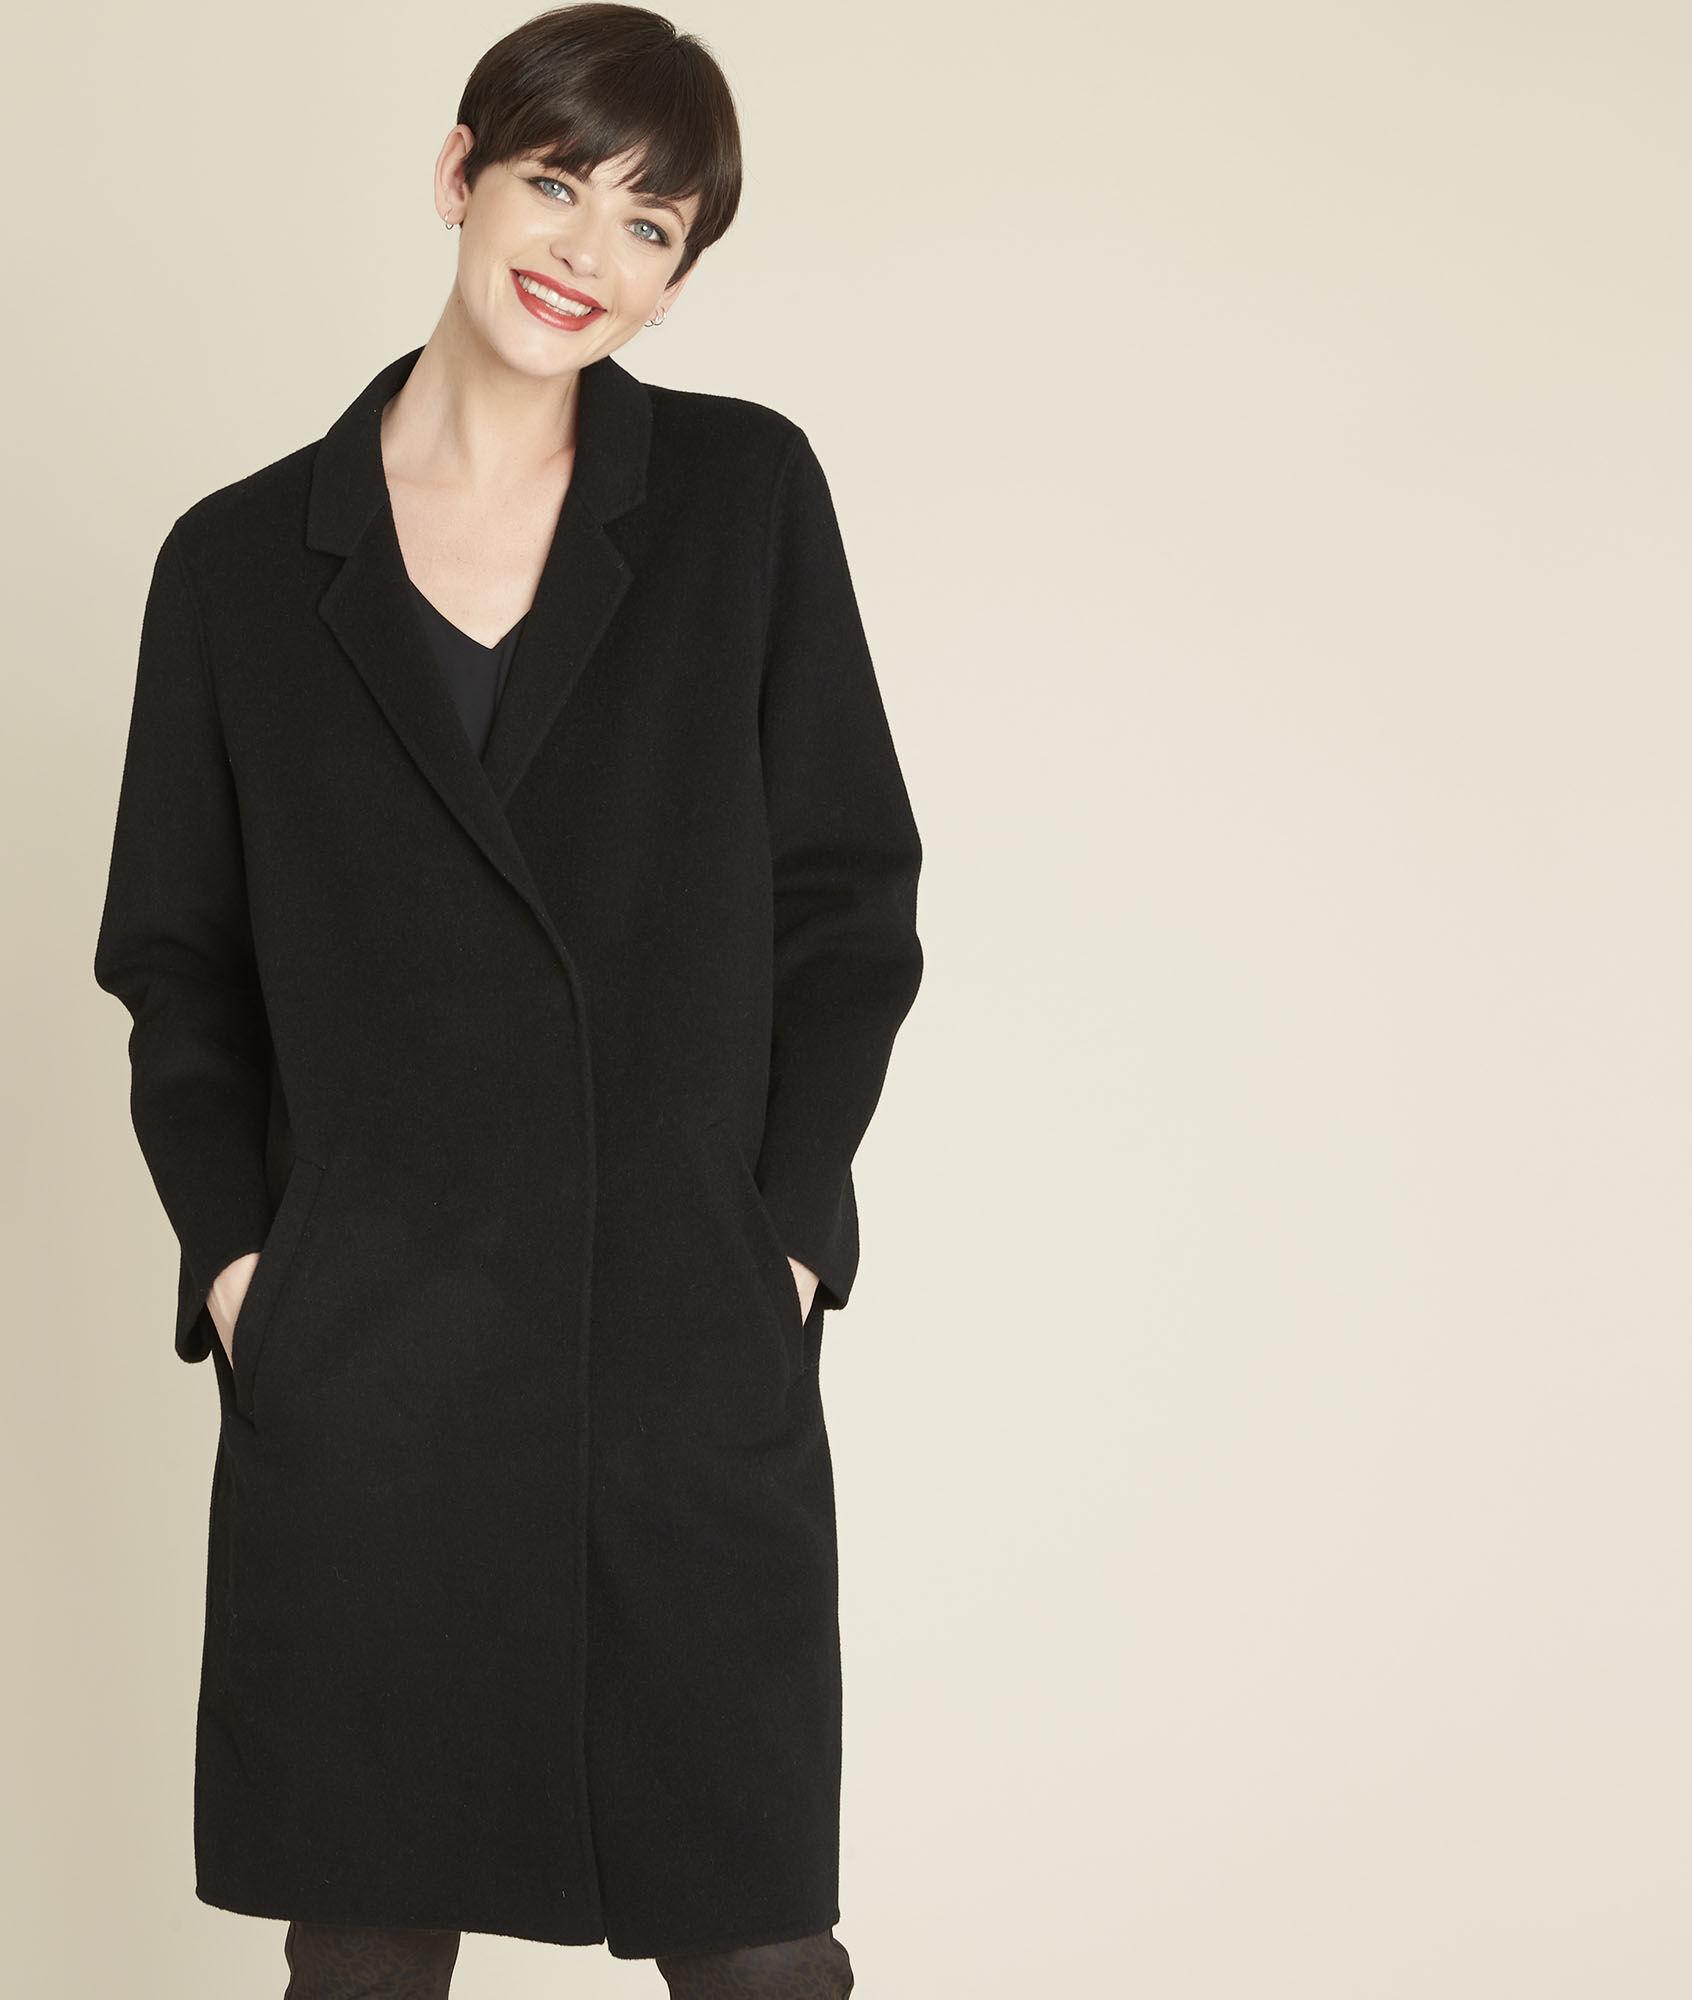 87f00e9b346 Manteau noir double face en laine Edgar - Maison Cent Vingt-Trois